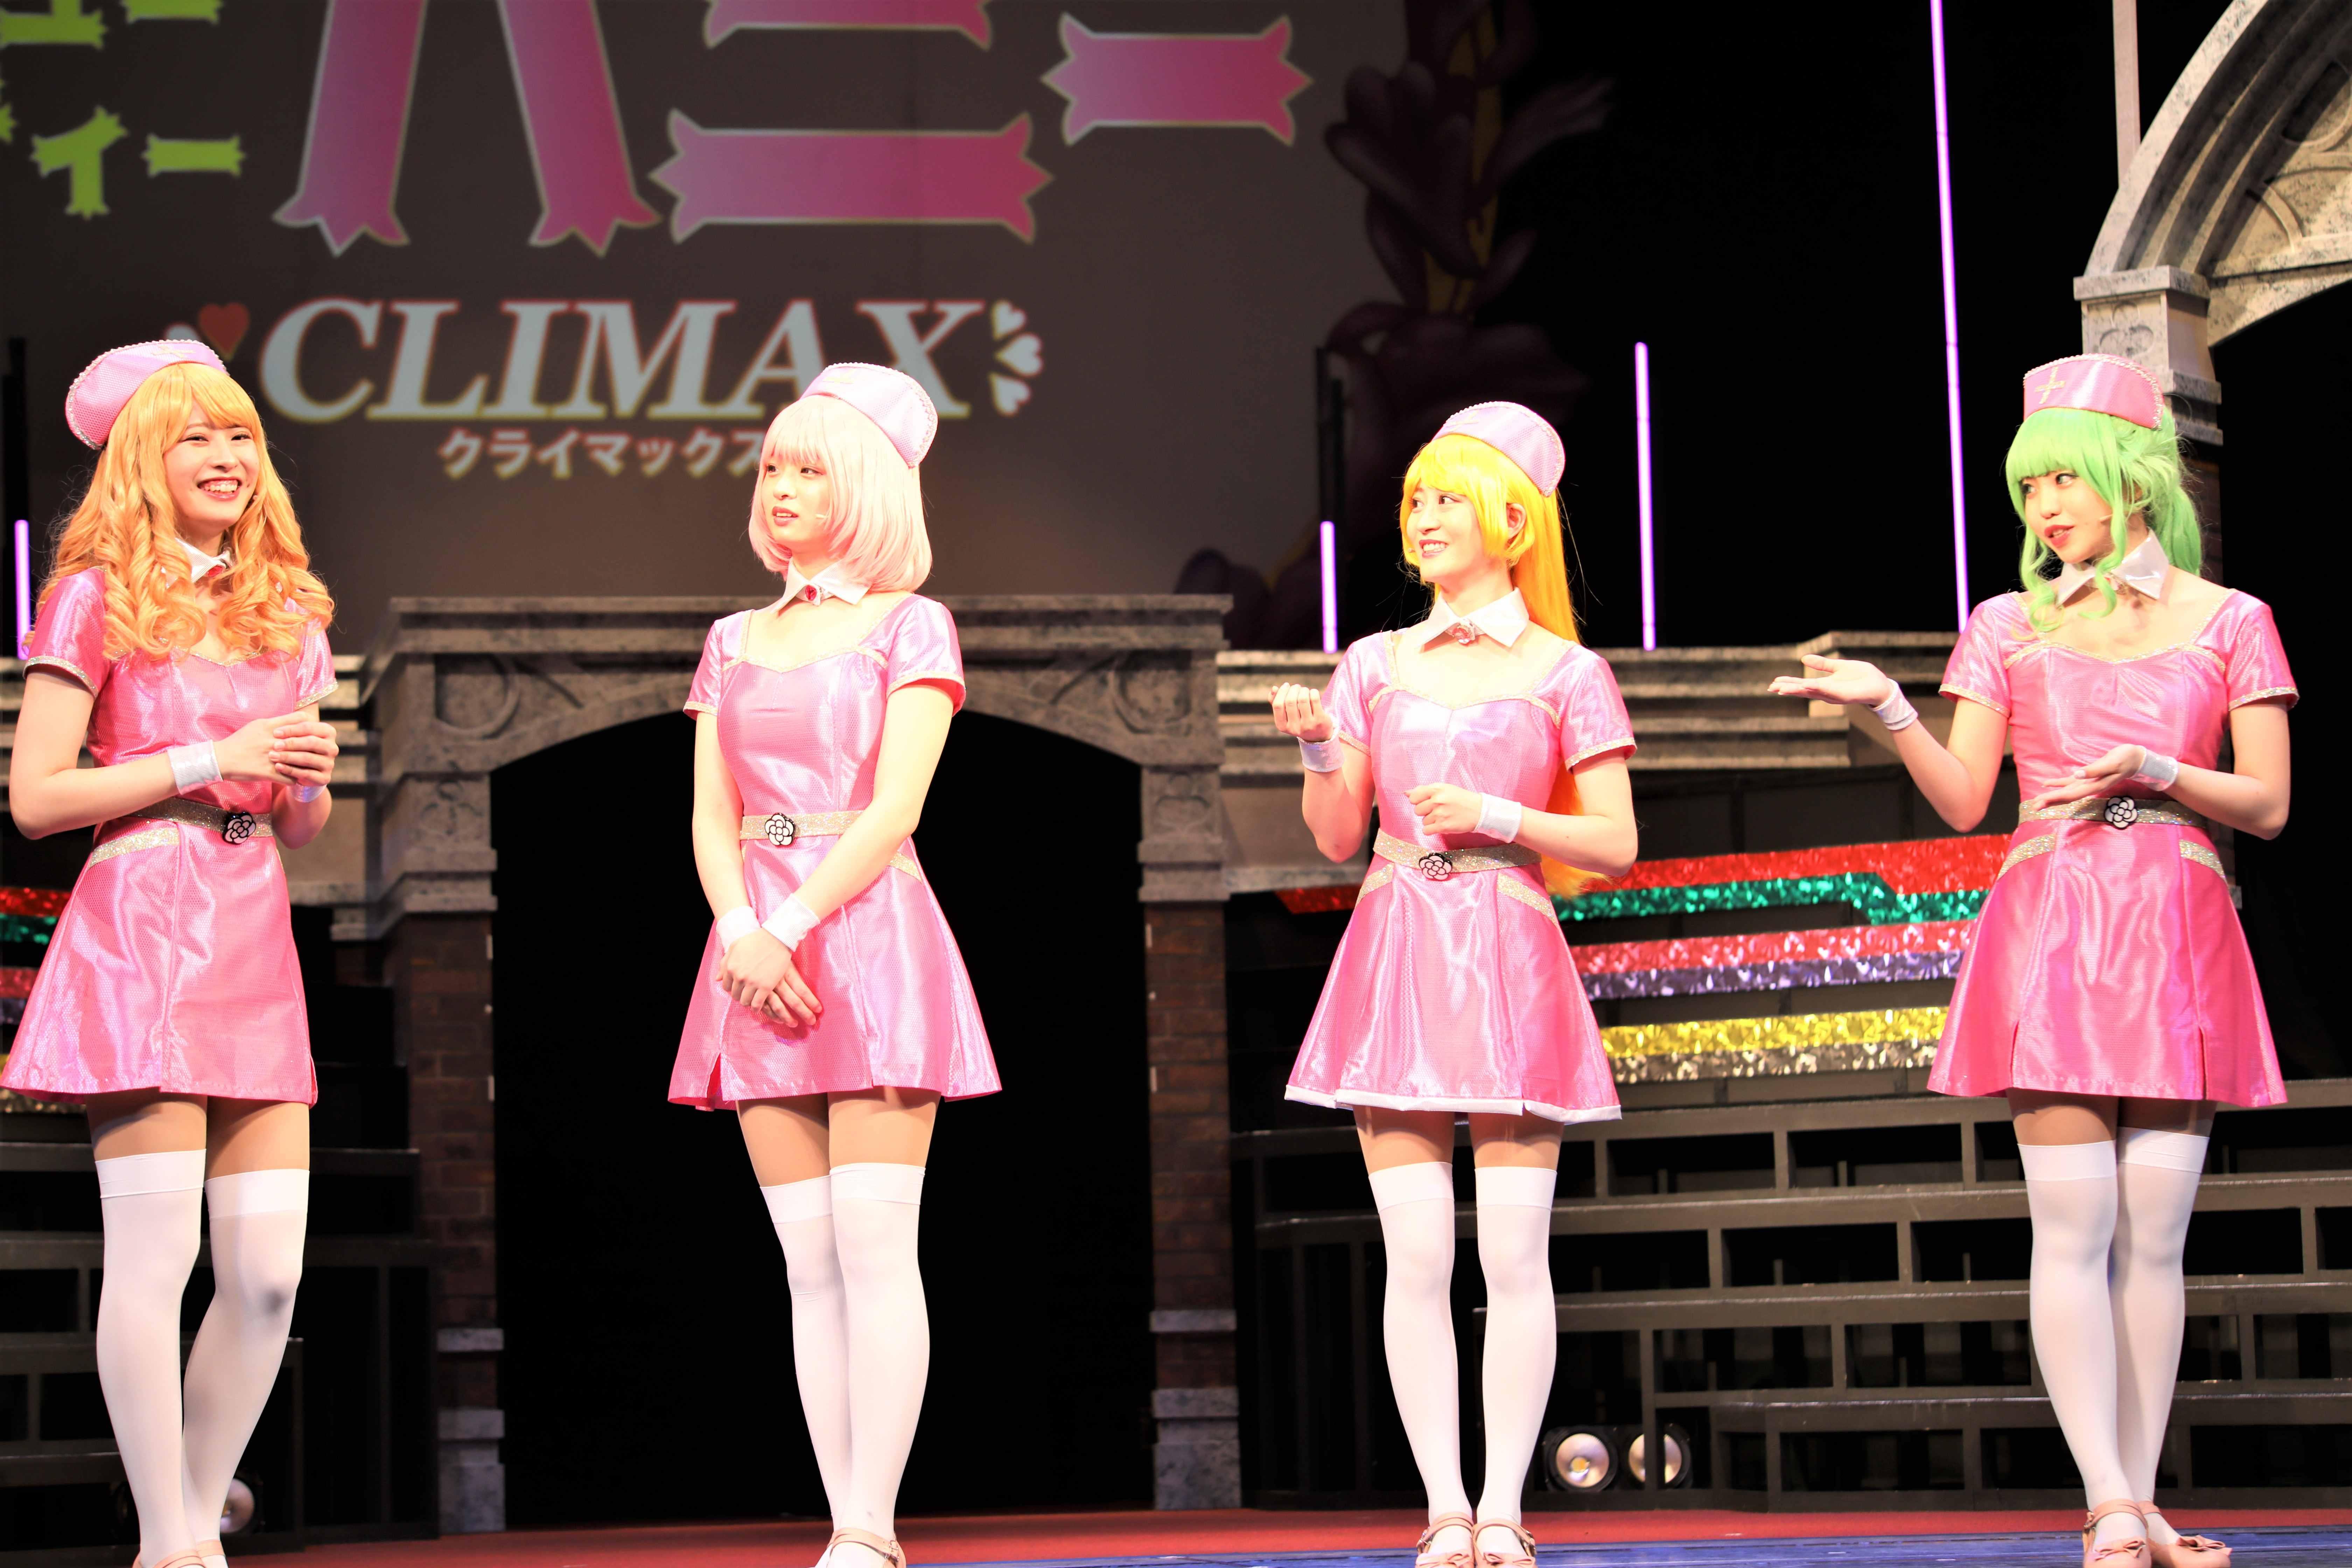 行天優莉奈(左)「行天ちゃんは癒しだよね!めちゃくちゃ癒しをくれるよね」©永井豪/ダイナミック企画・舞台「Cutie Honey Climax」製作委員会 無断アップロード及び転送は一切禁止です。